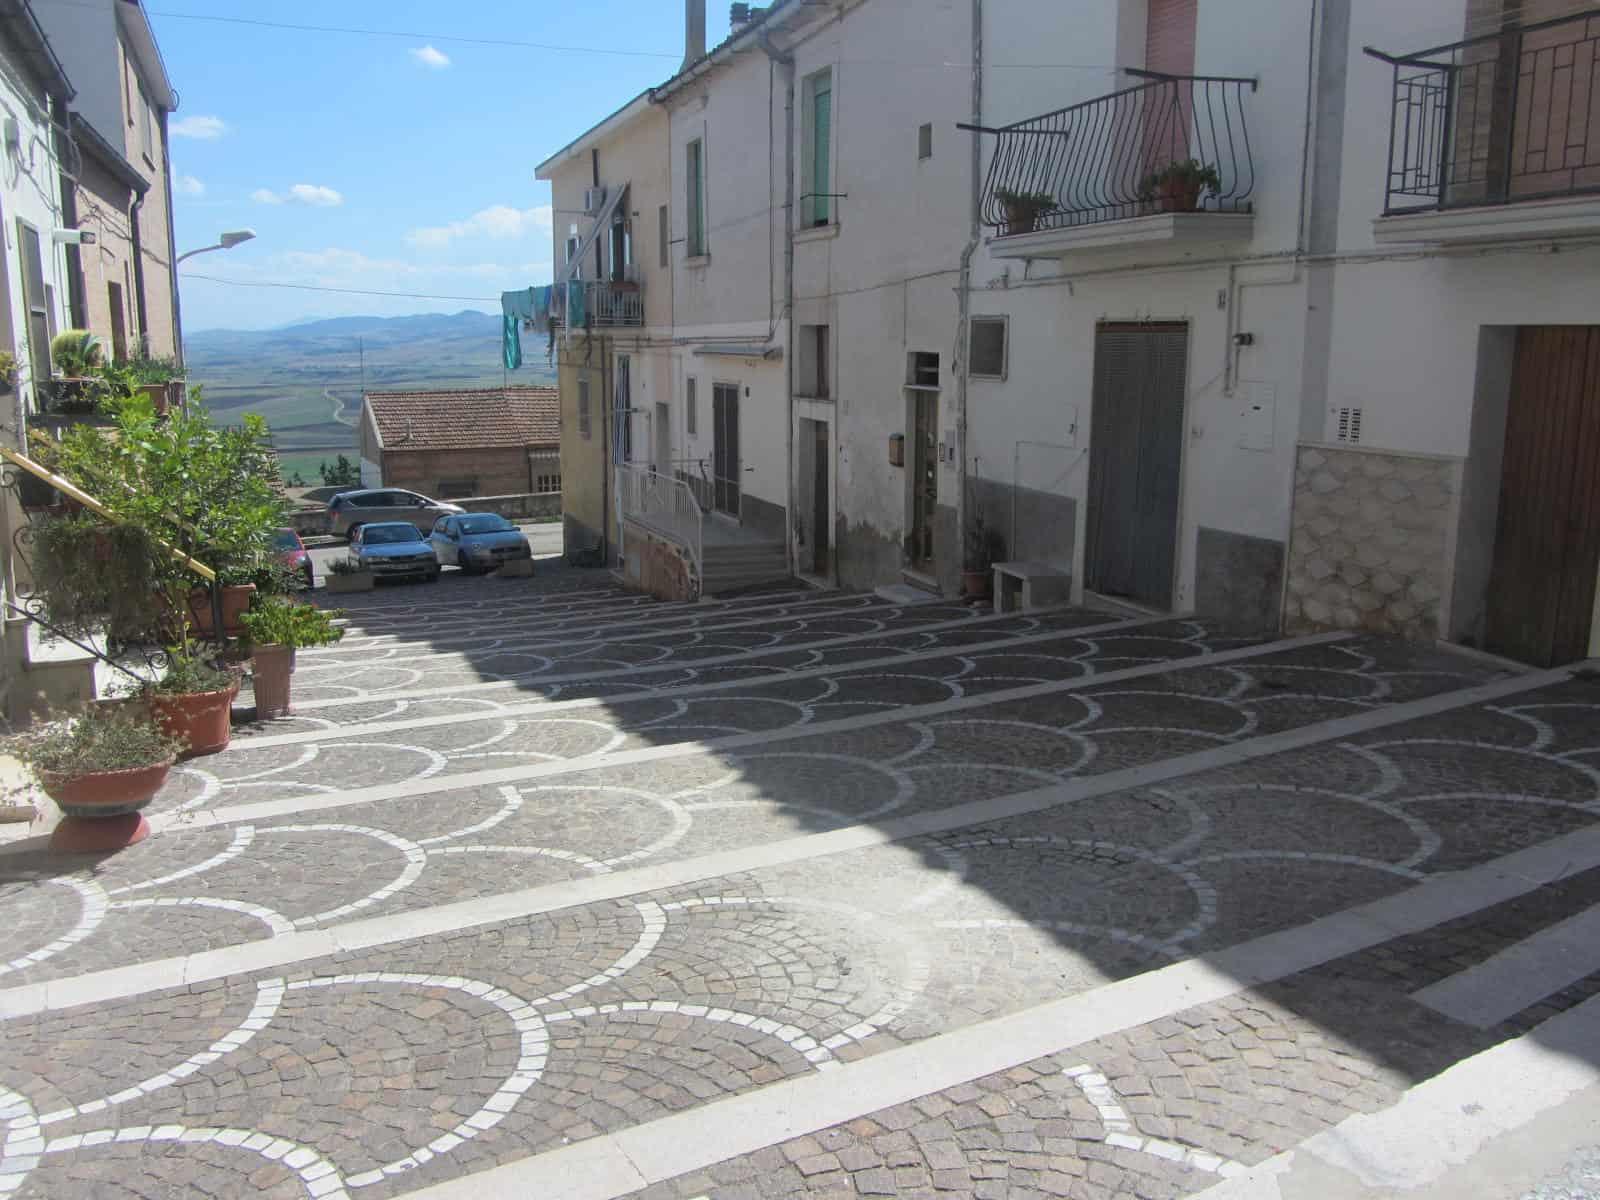 Uno scorcio del centro di Troia, in provincia di Lecce.